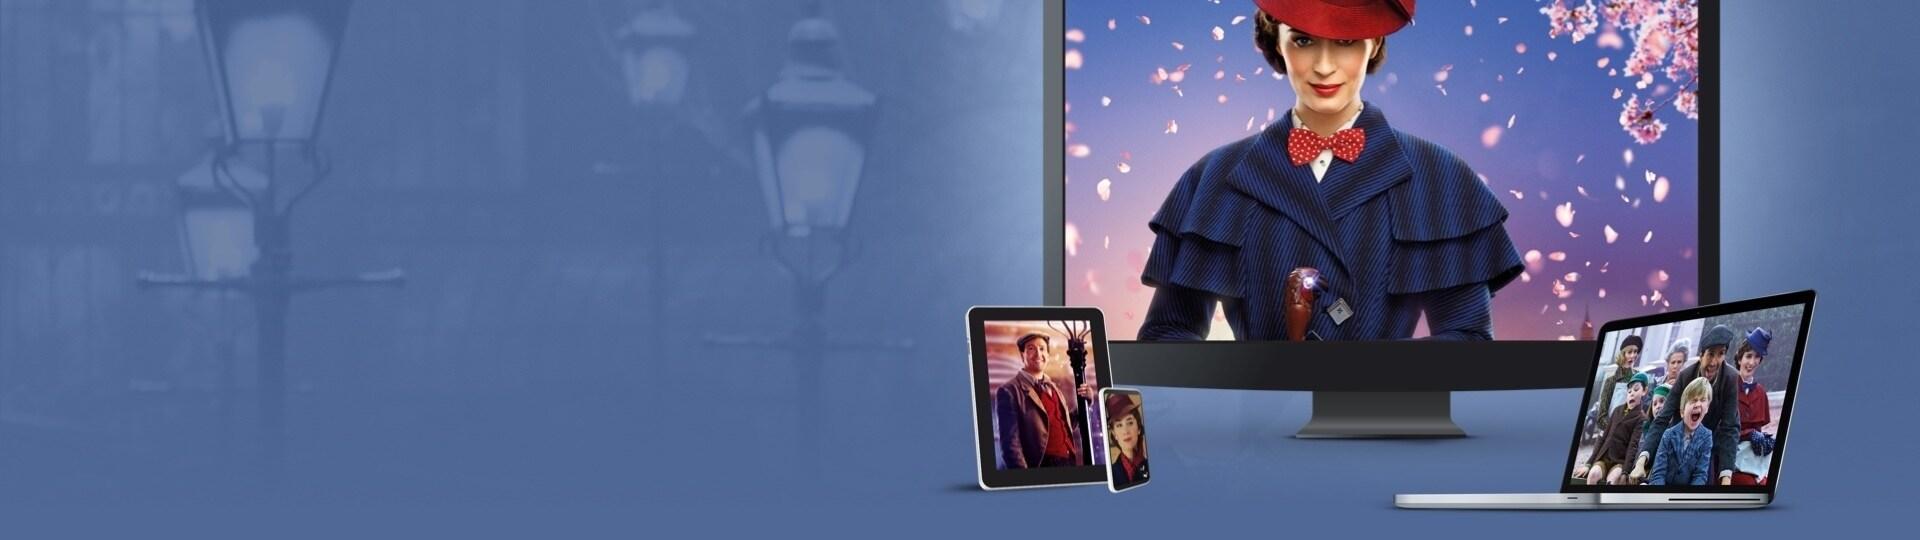 Mary Poppins Returns | Disponible para descargar y disfrutar